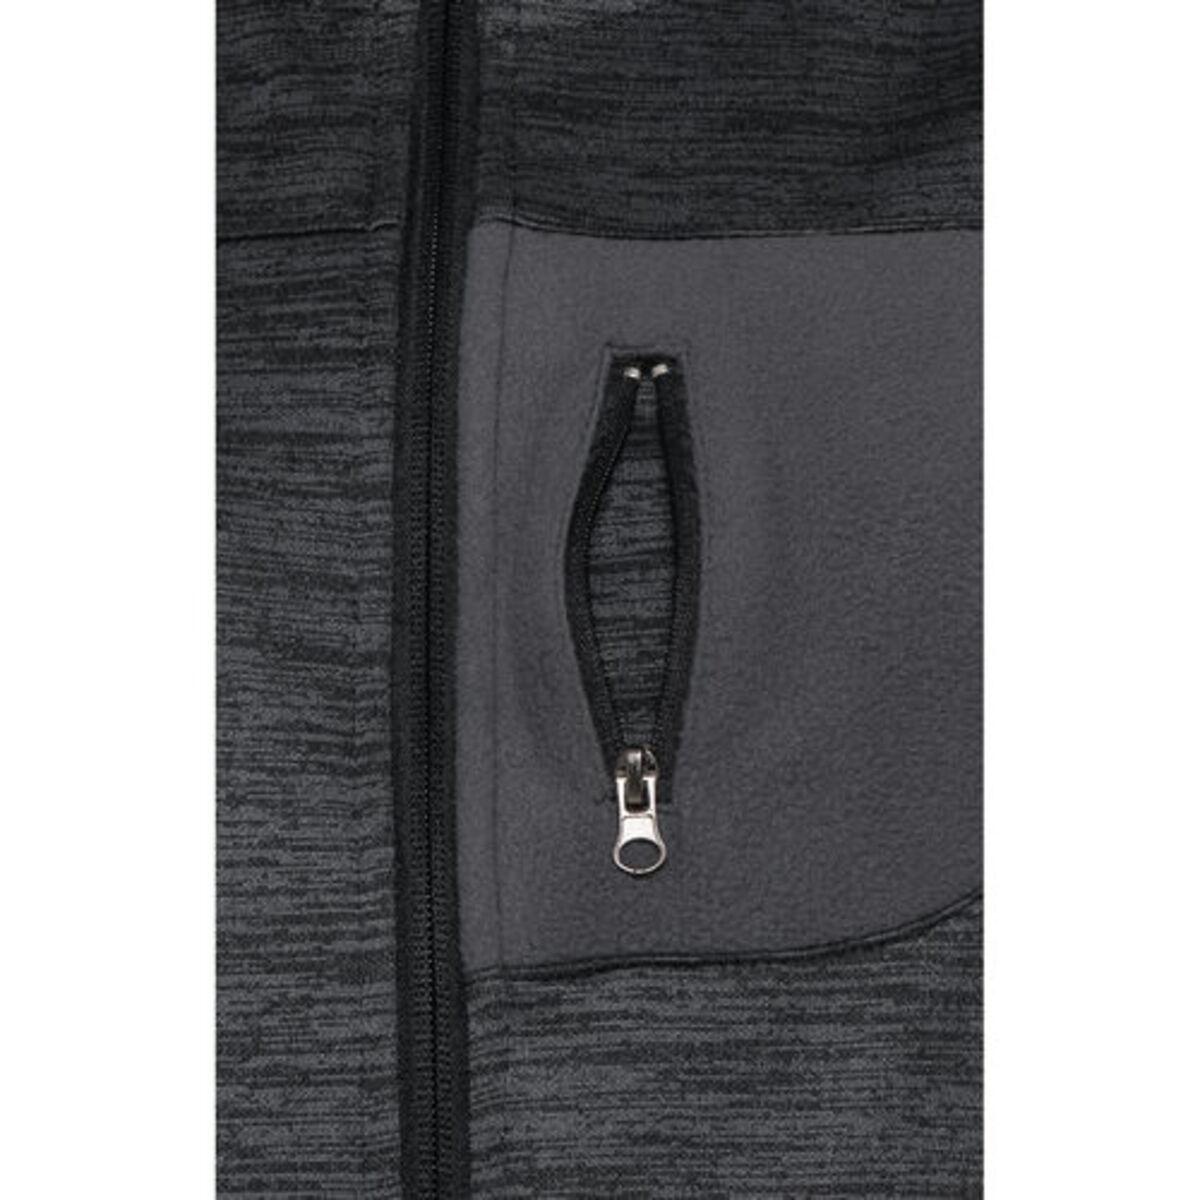 Bild 3 von FLM            Fleece Jacke Damen 3.0 grau